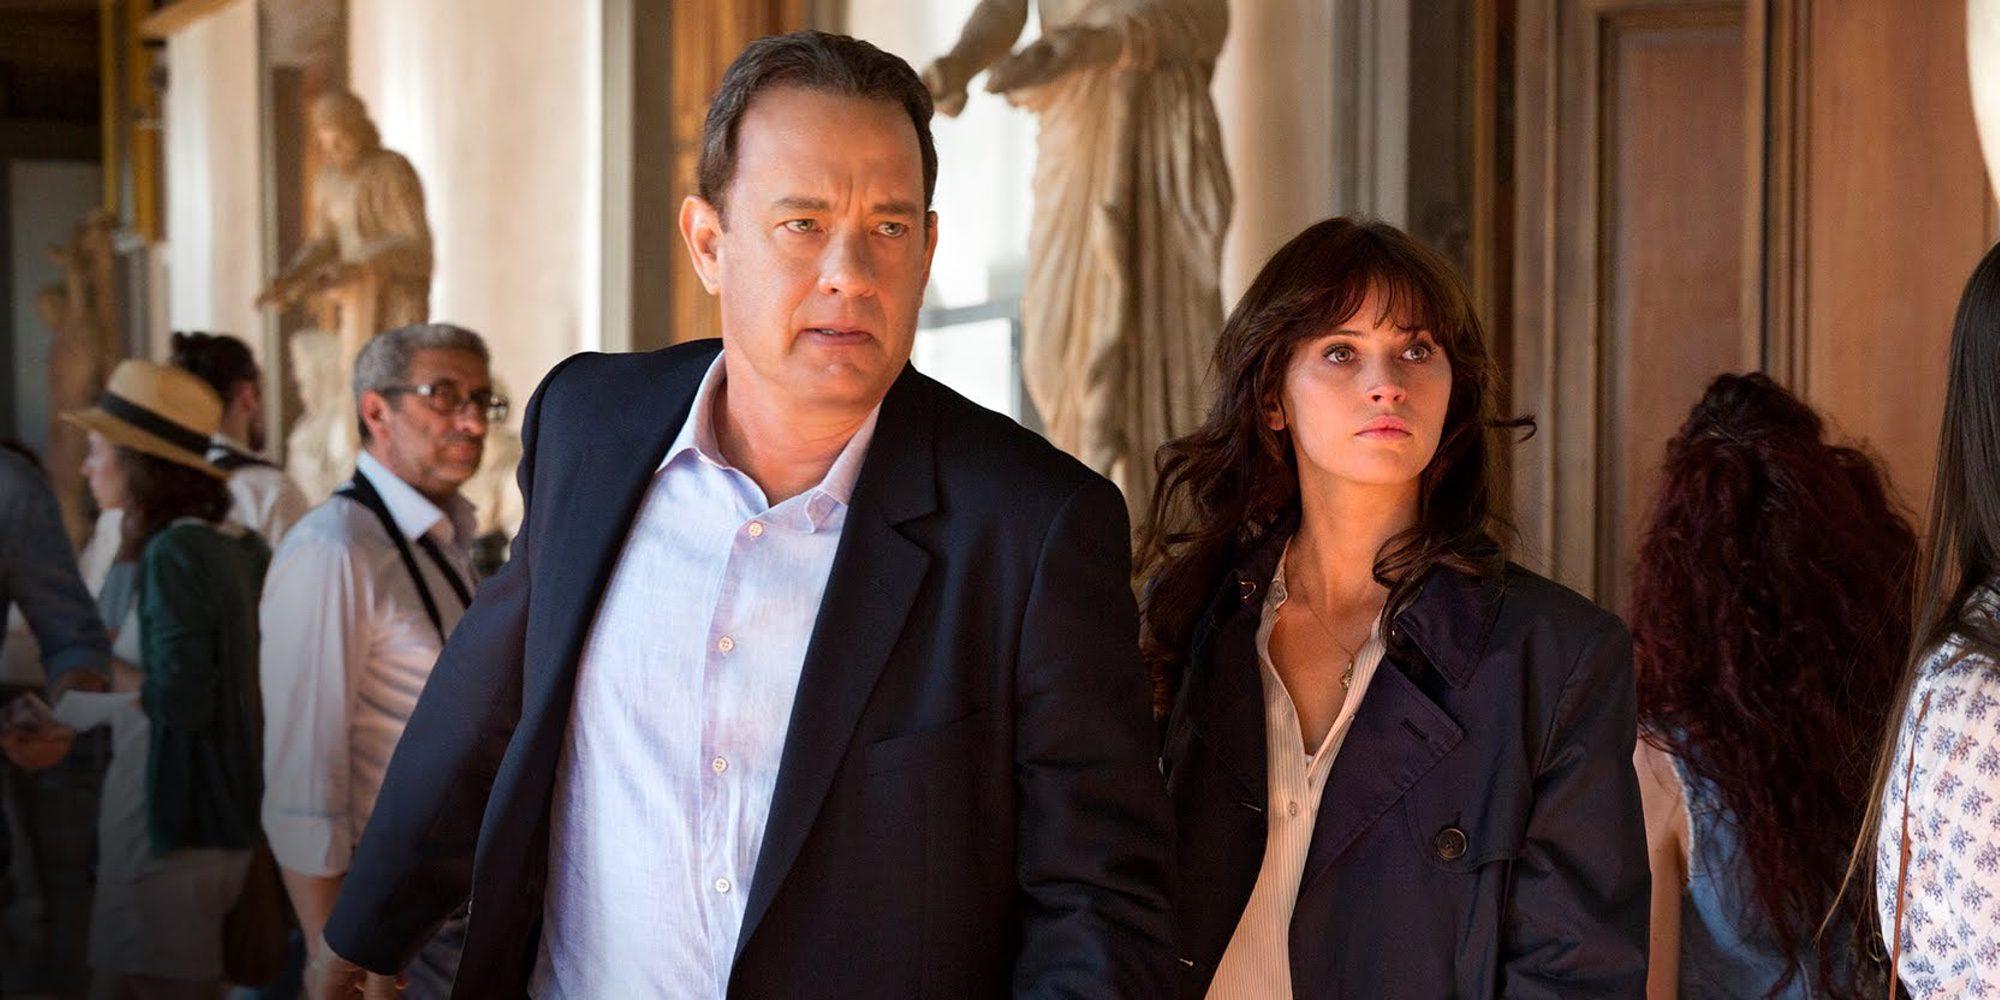 Tom Hanks y Felicity Jones estrenan 'Inferno', ¿podrán con el 'Monstruo' de Bayona?